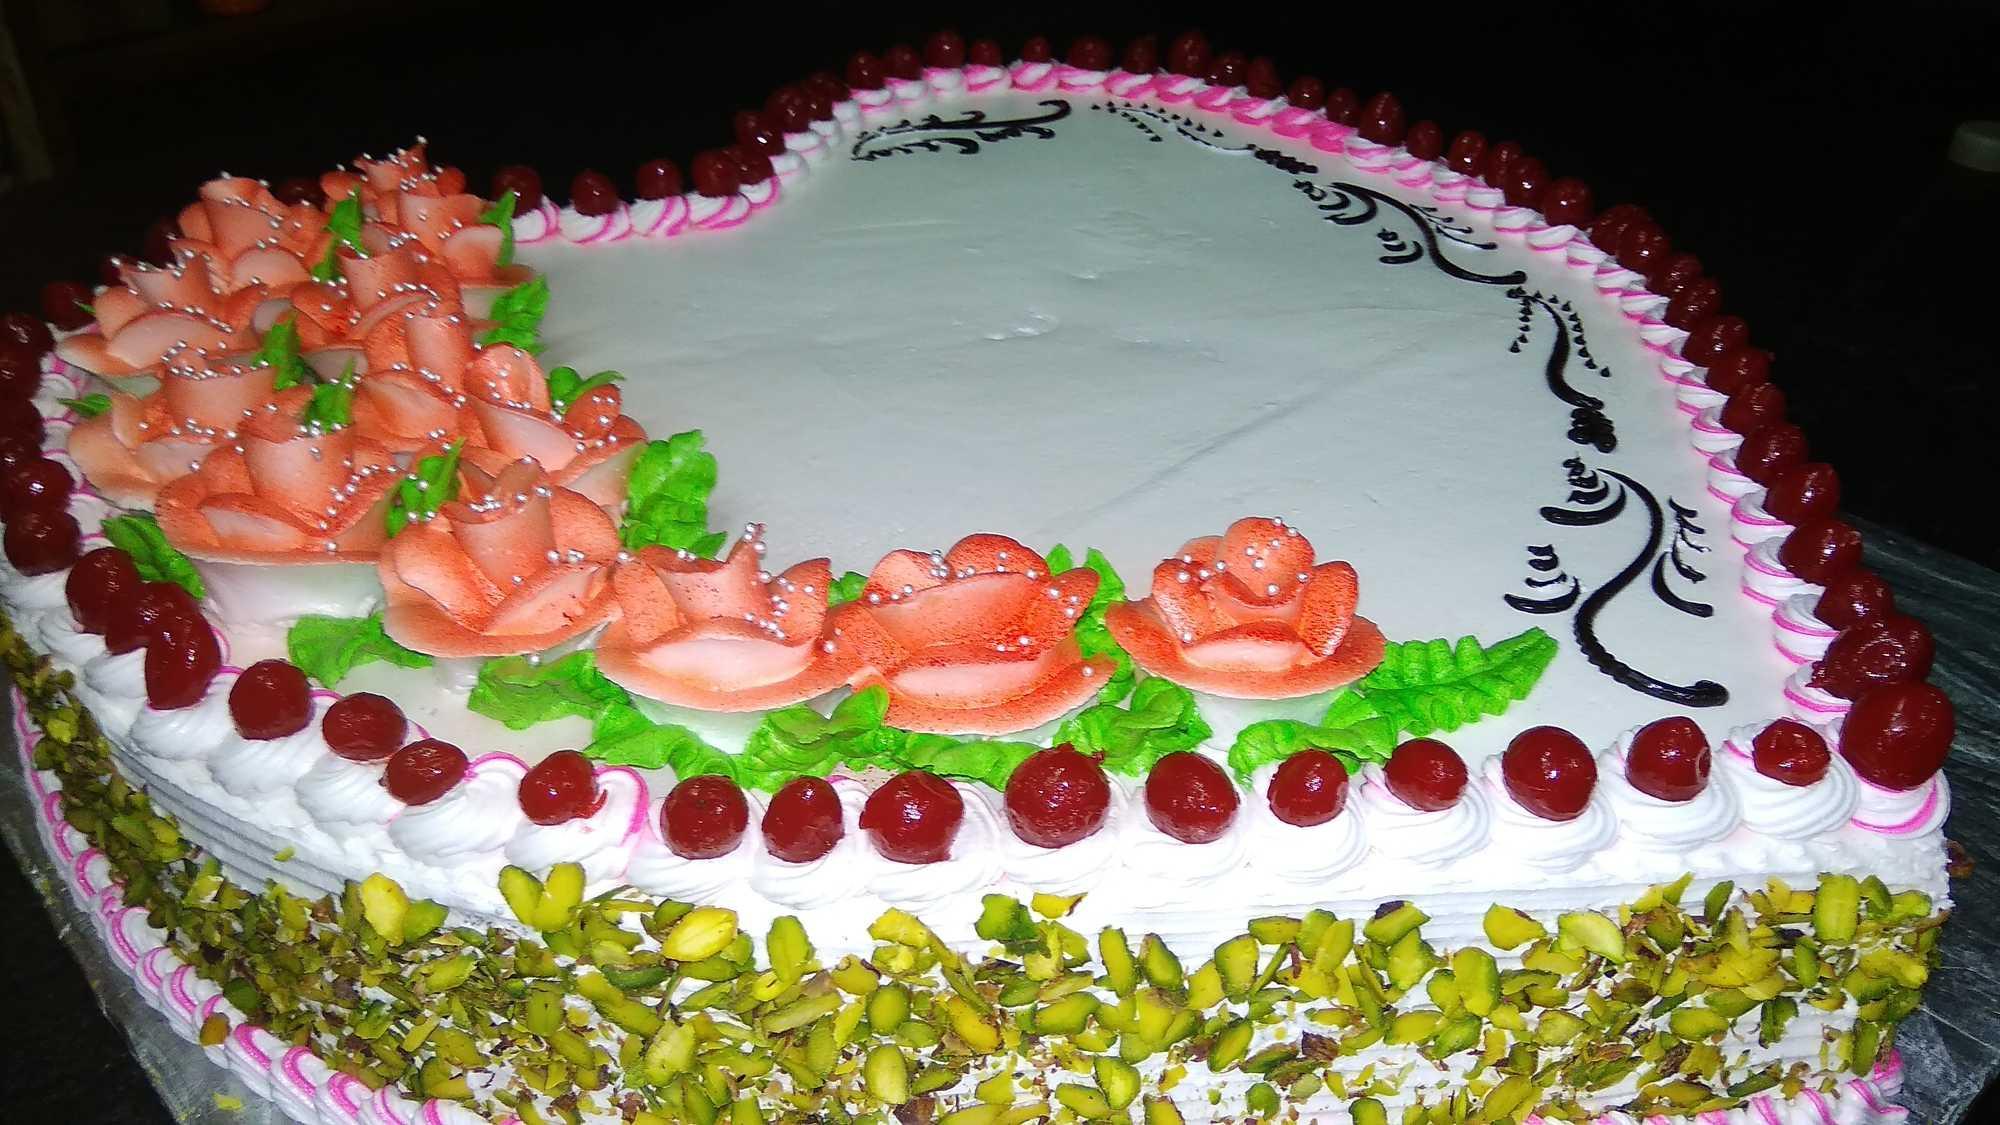 Birthday Cake Shops Near Me  Birthday Cake Shop Near Me Top Birthday Cake